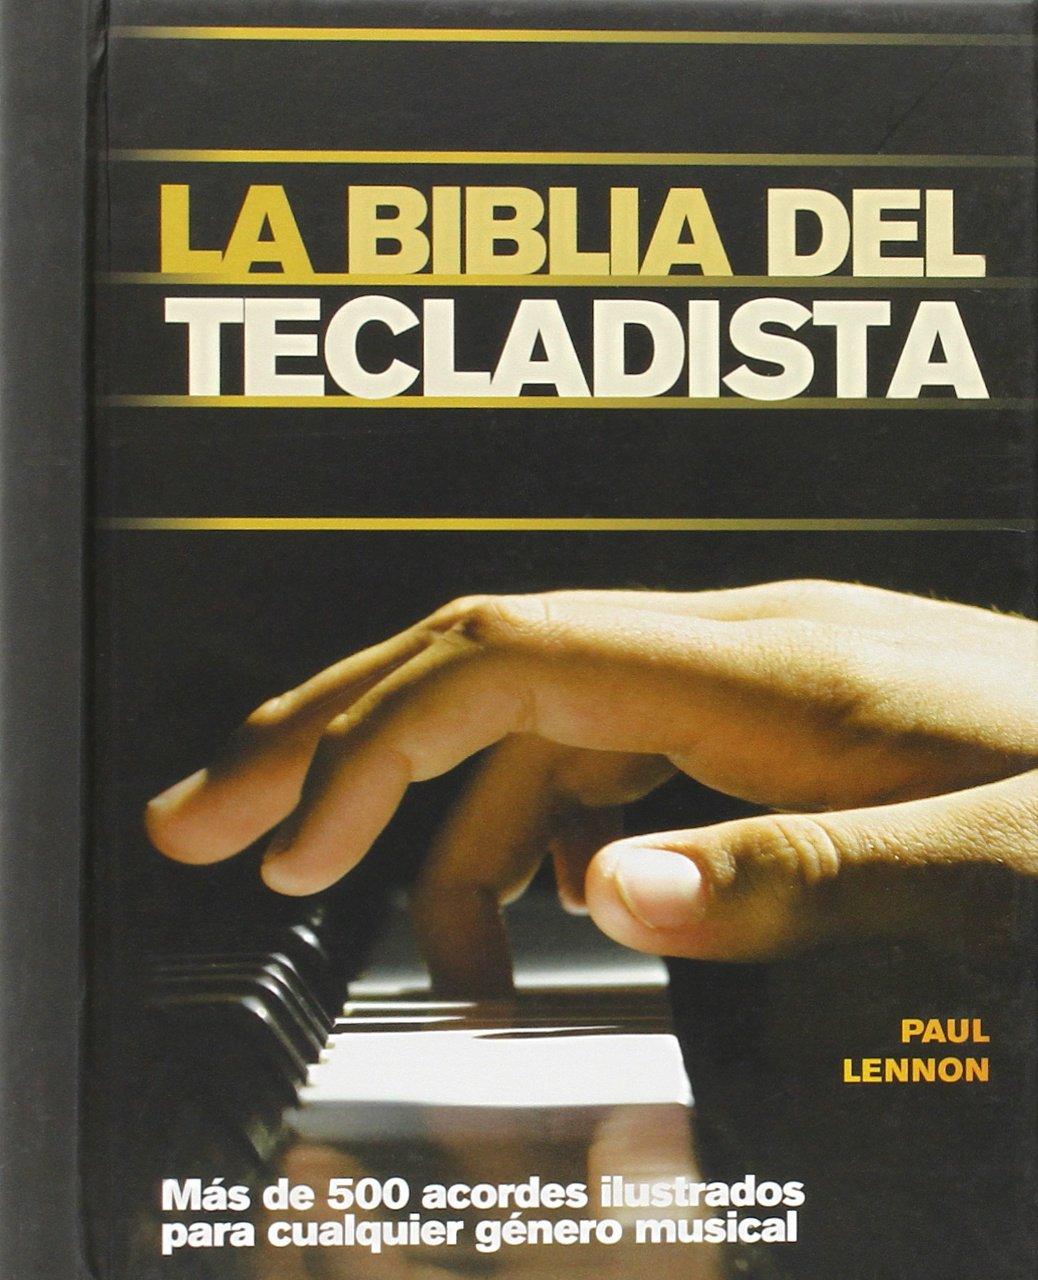 Más De 500 Acordes Ilustrados Para Cualquier Género Musical: Amazon.es: Paul Lennon, Luis Gerardo Garibay Morales: Libros